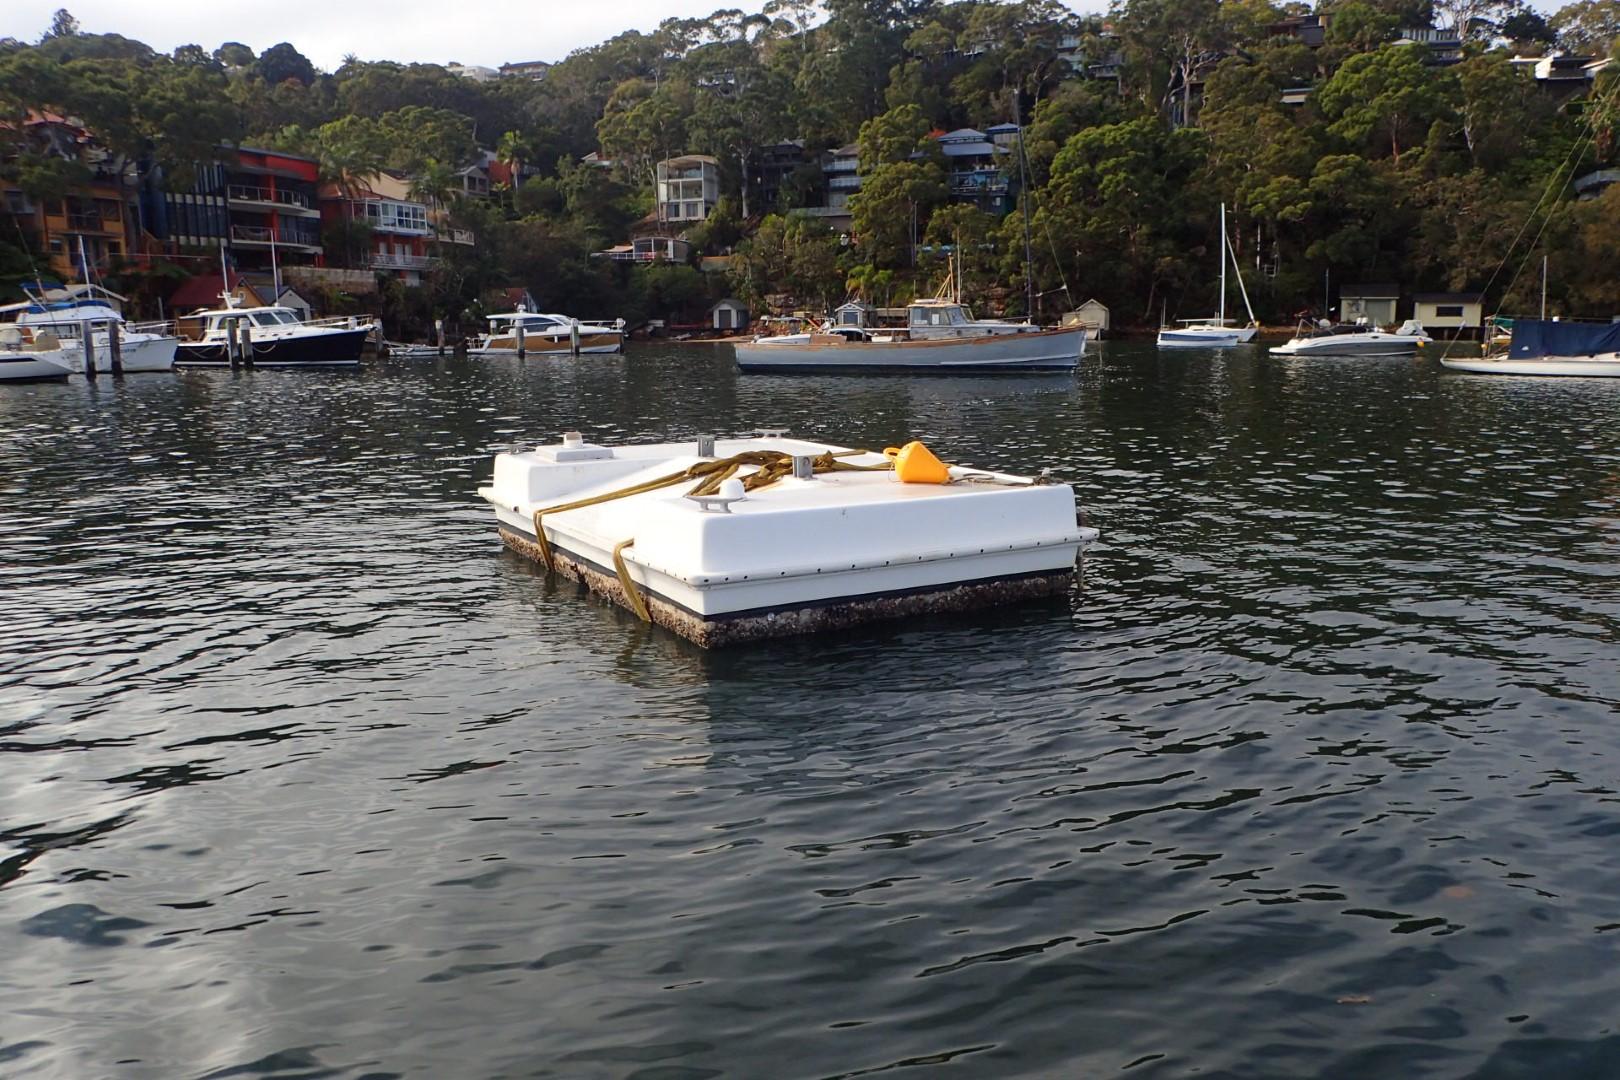 Moulded pontoons